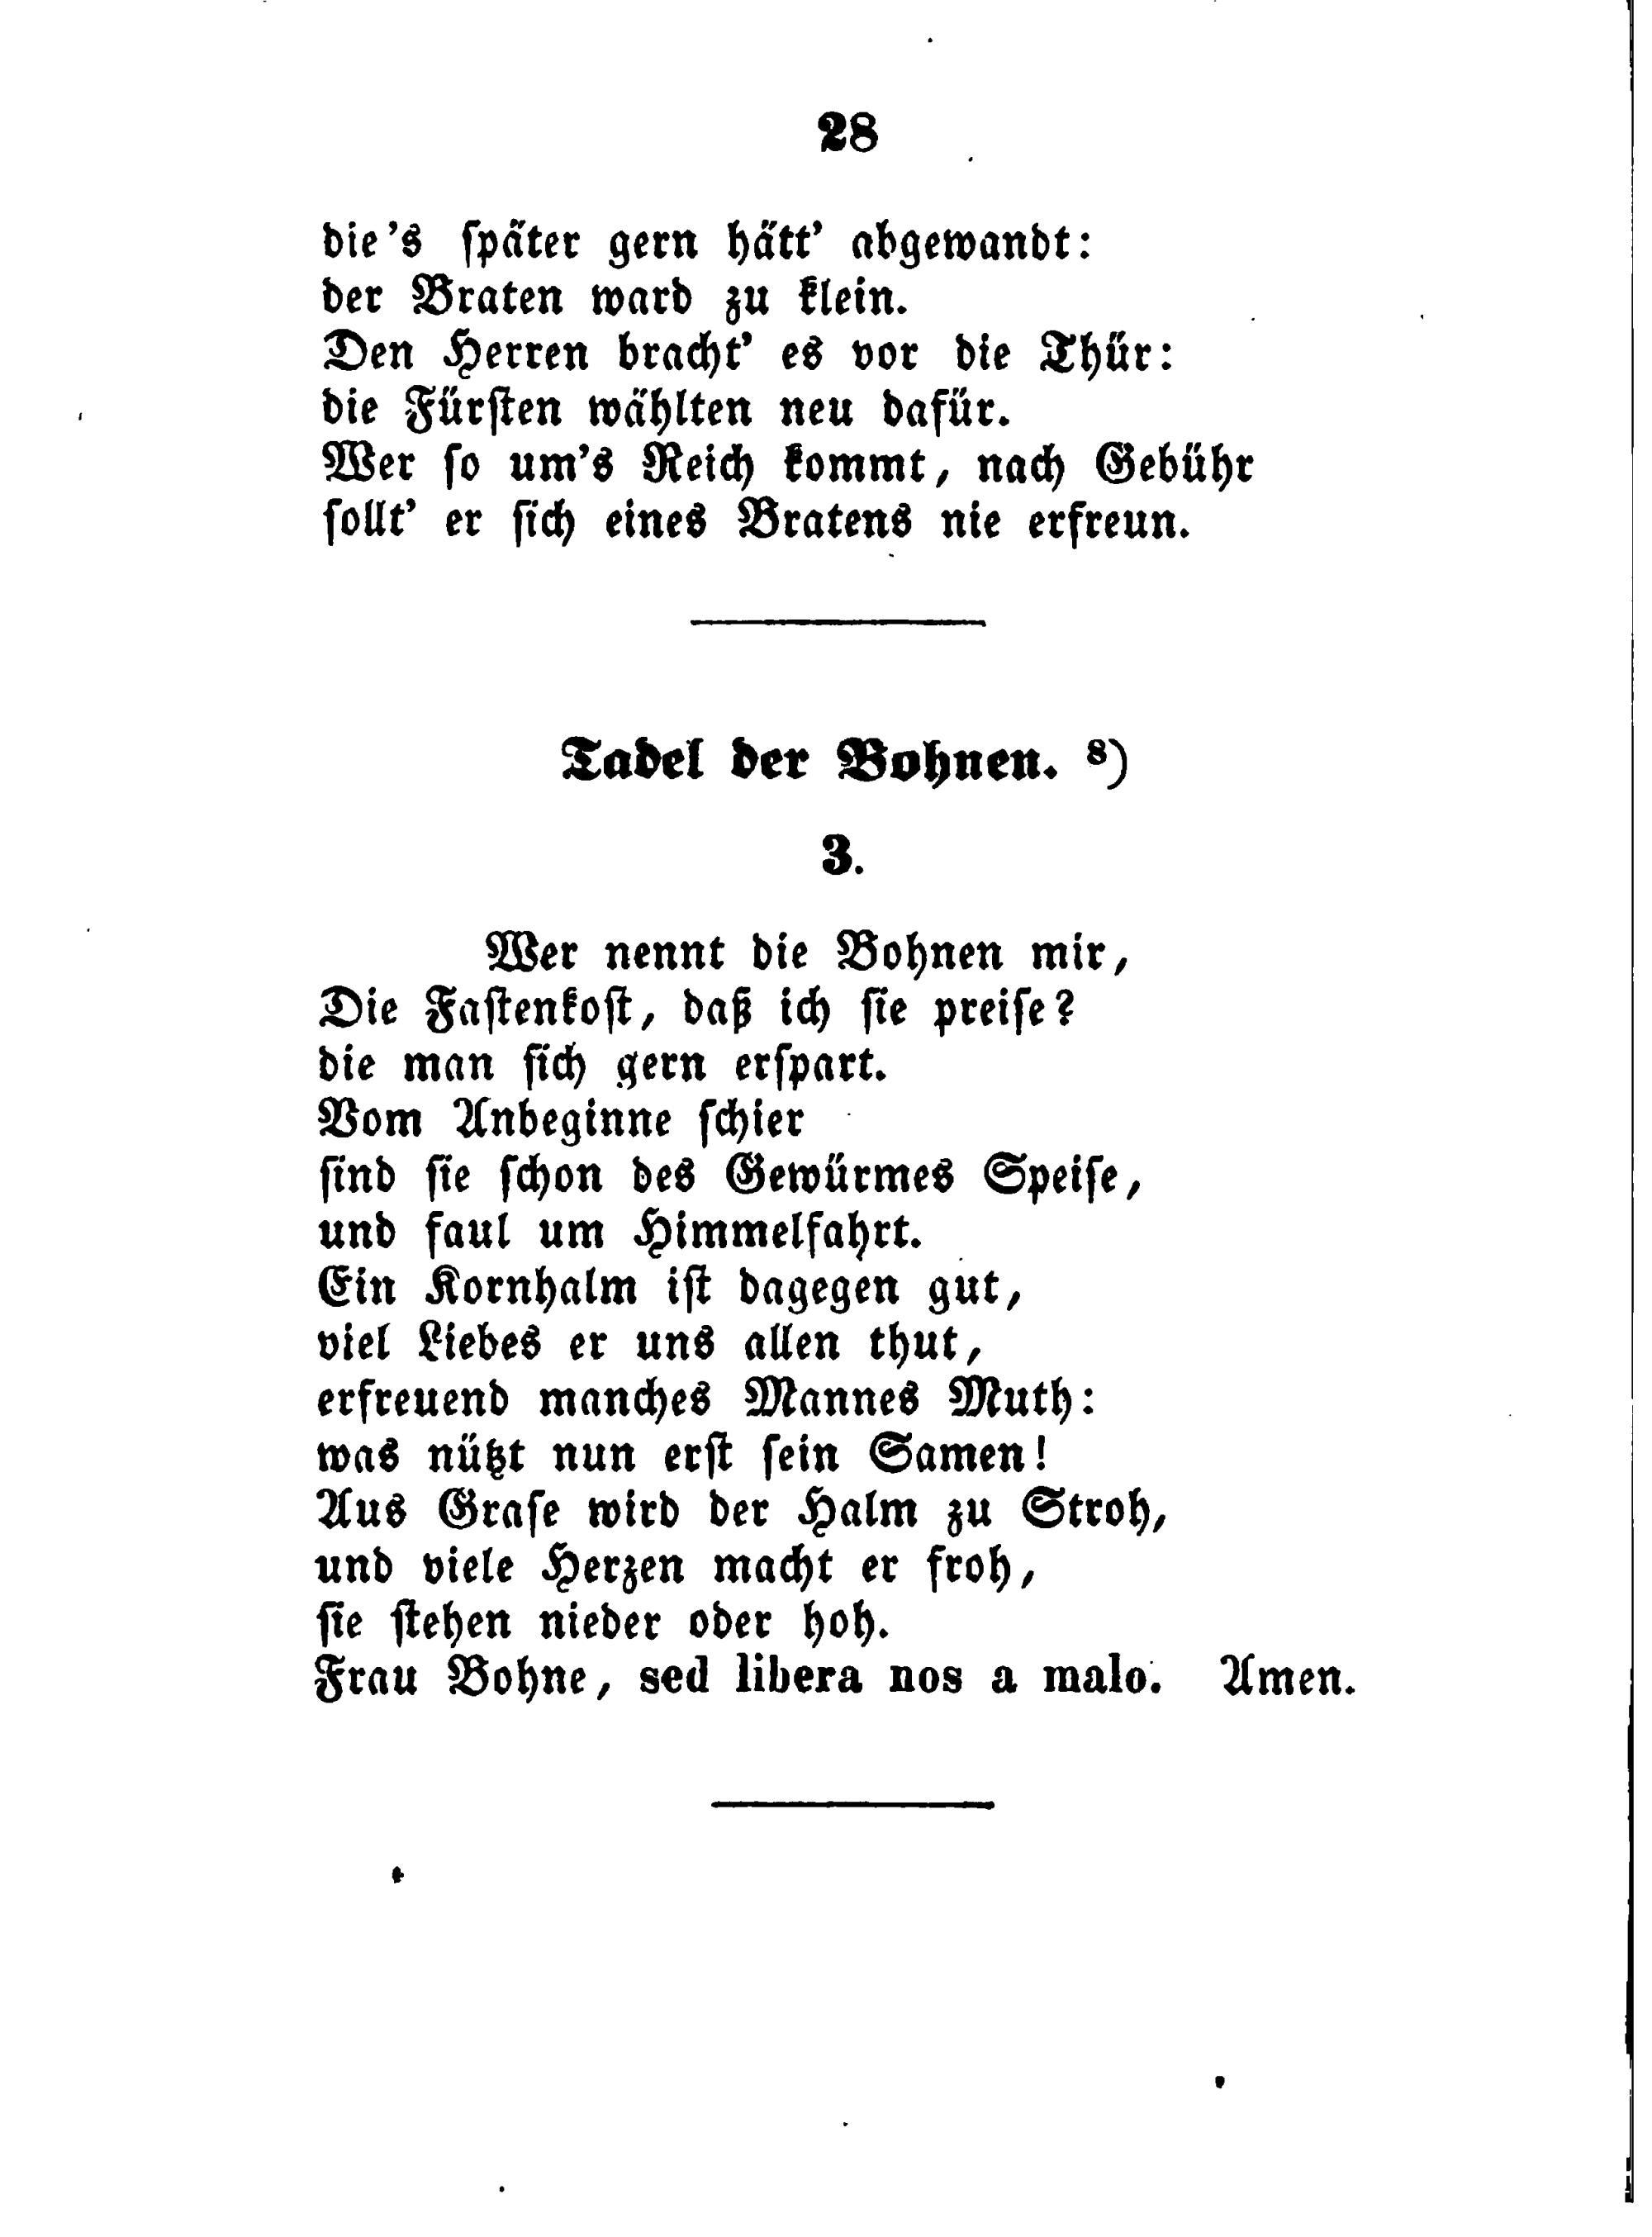 File:De Koch Gedichte 028.jpg - Wikimedia Commons